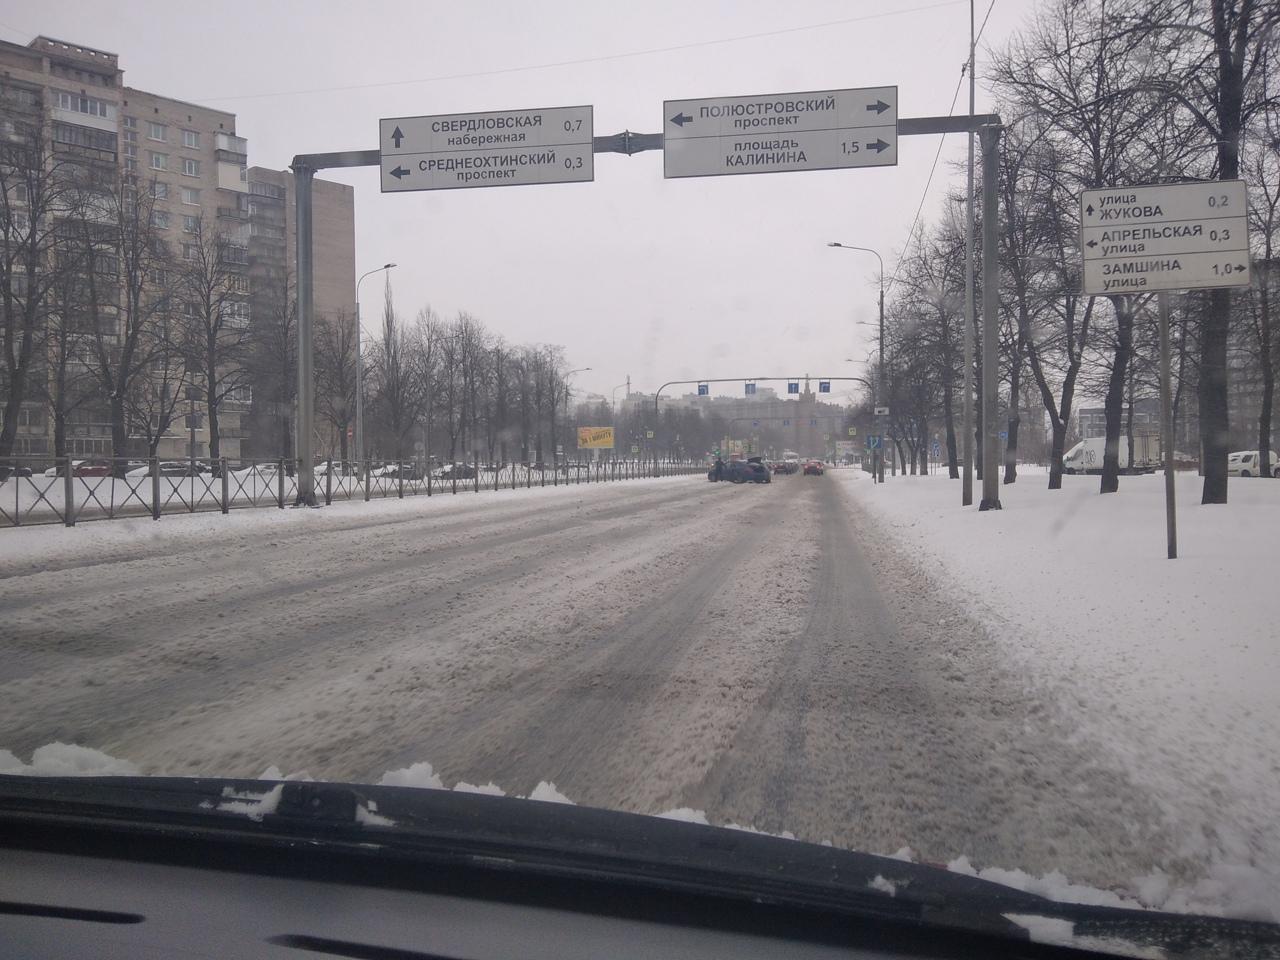 На пересечении Полюстровского и Пискарёвского вся дорога в снегу, а автомобили перегородили две левы...